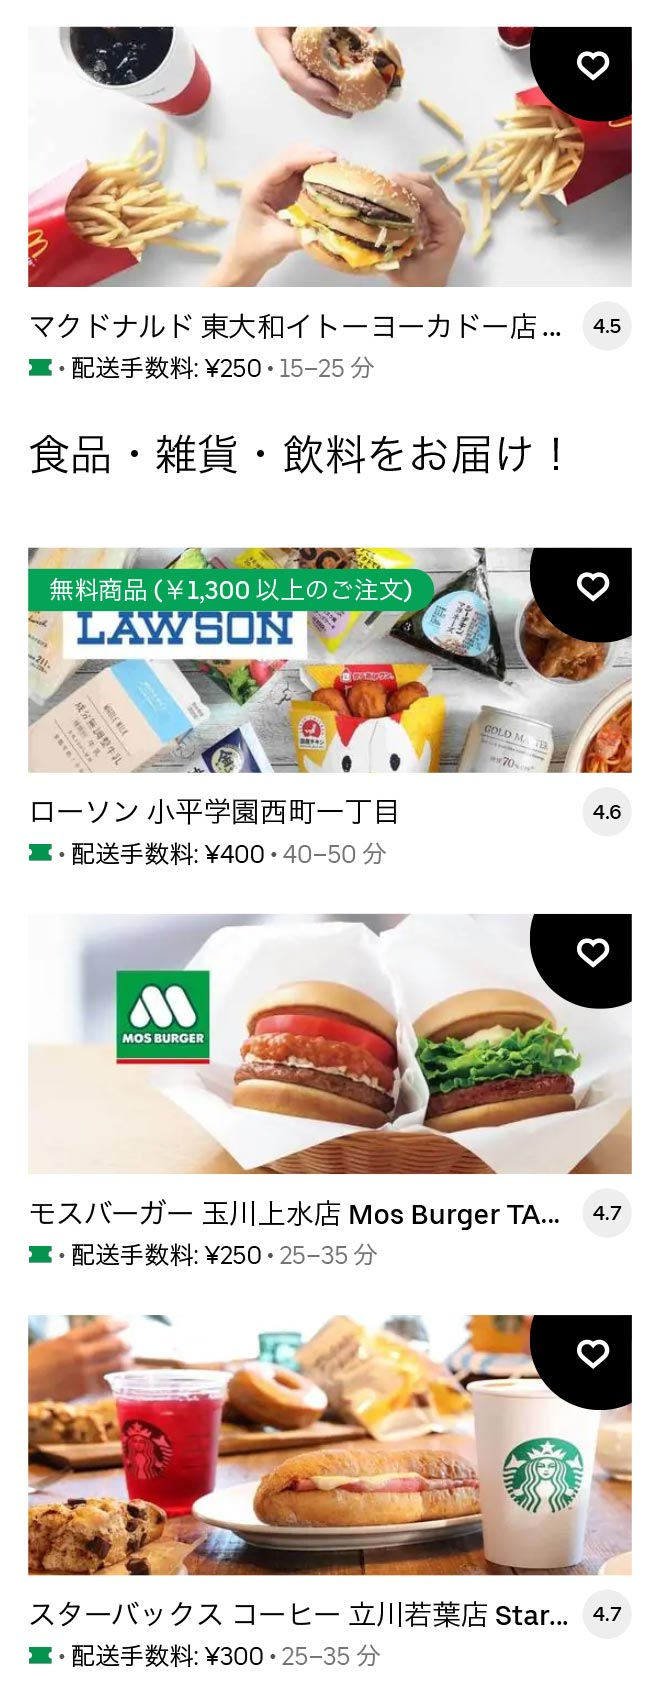 U higashi yamato 2106 01